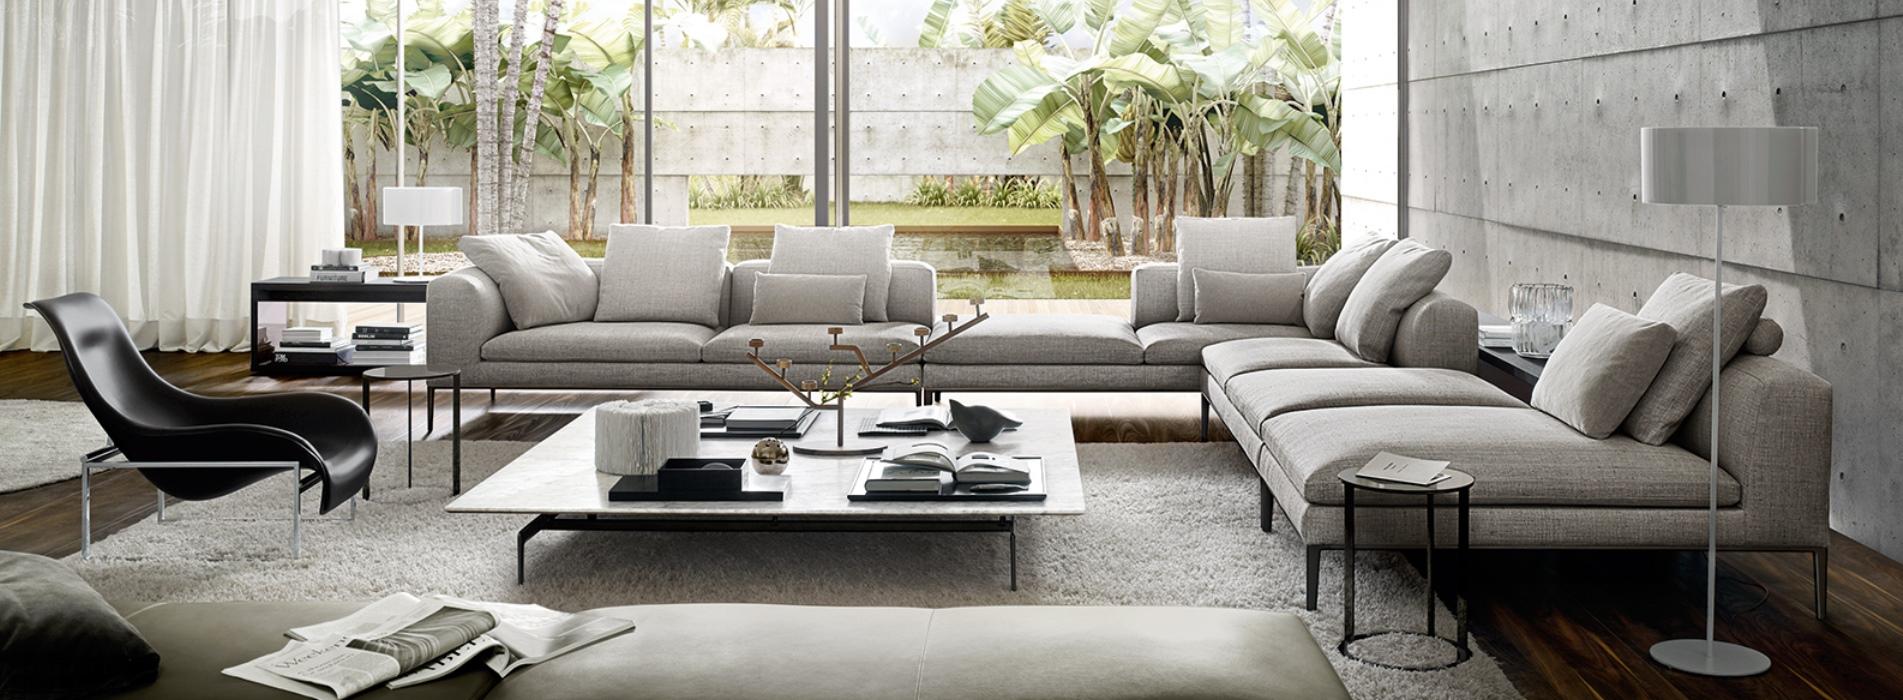 Inside-concept-architecture-interieur